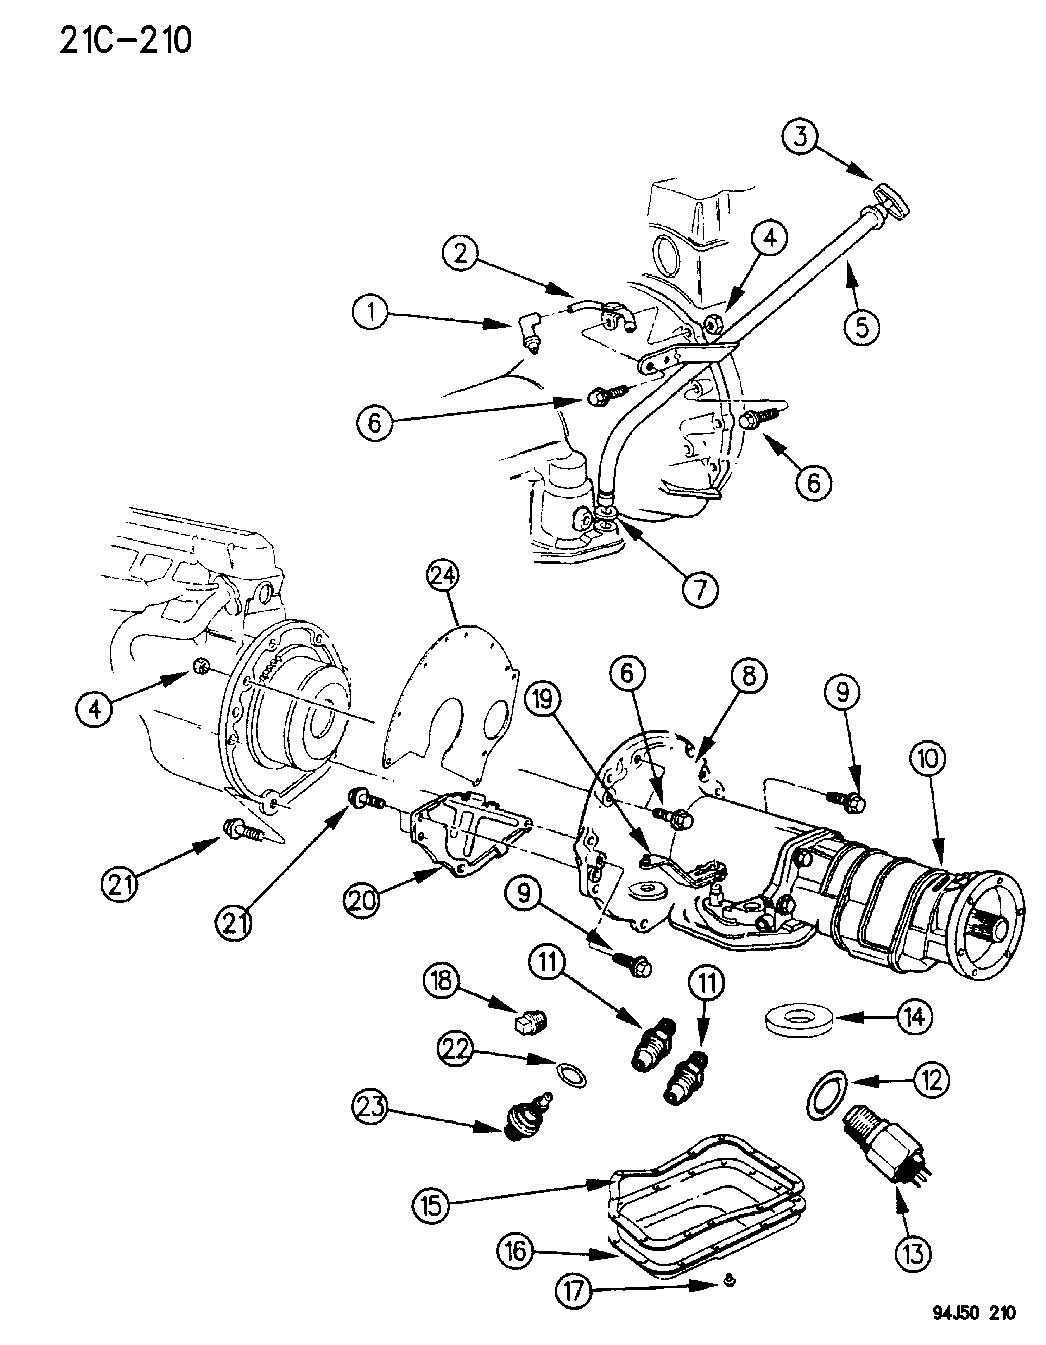 All bmw models 2003 bmw 325i radiator bmw 325i blower motor location wiring diagram